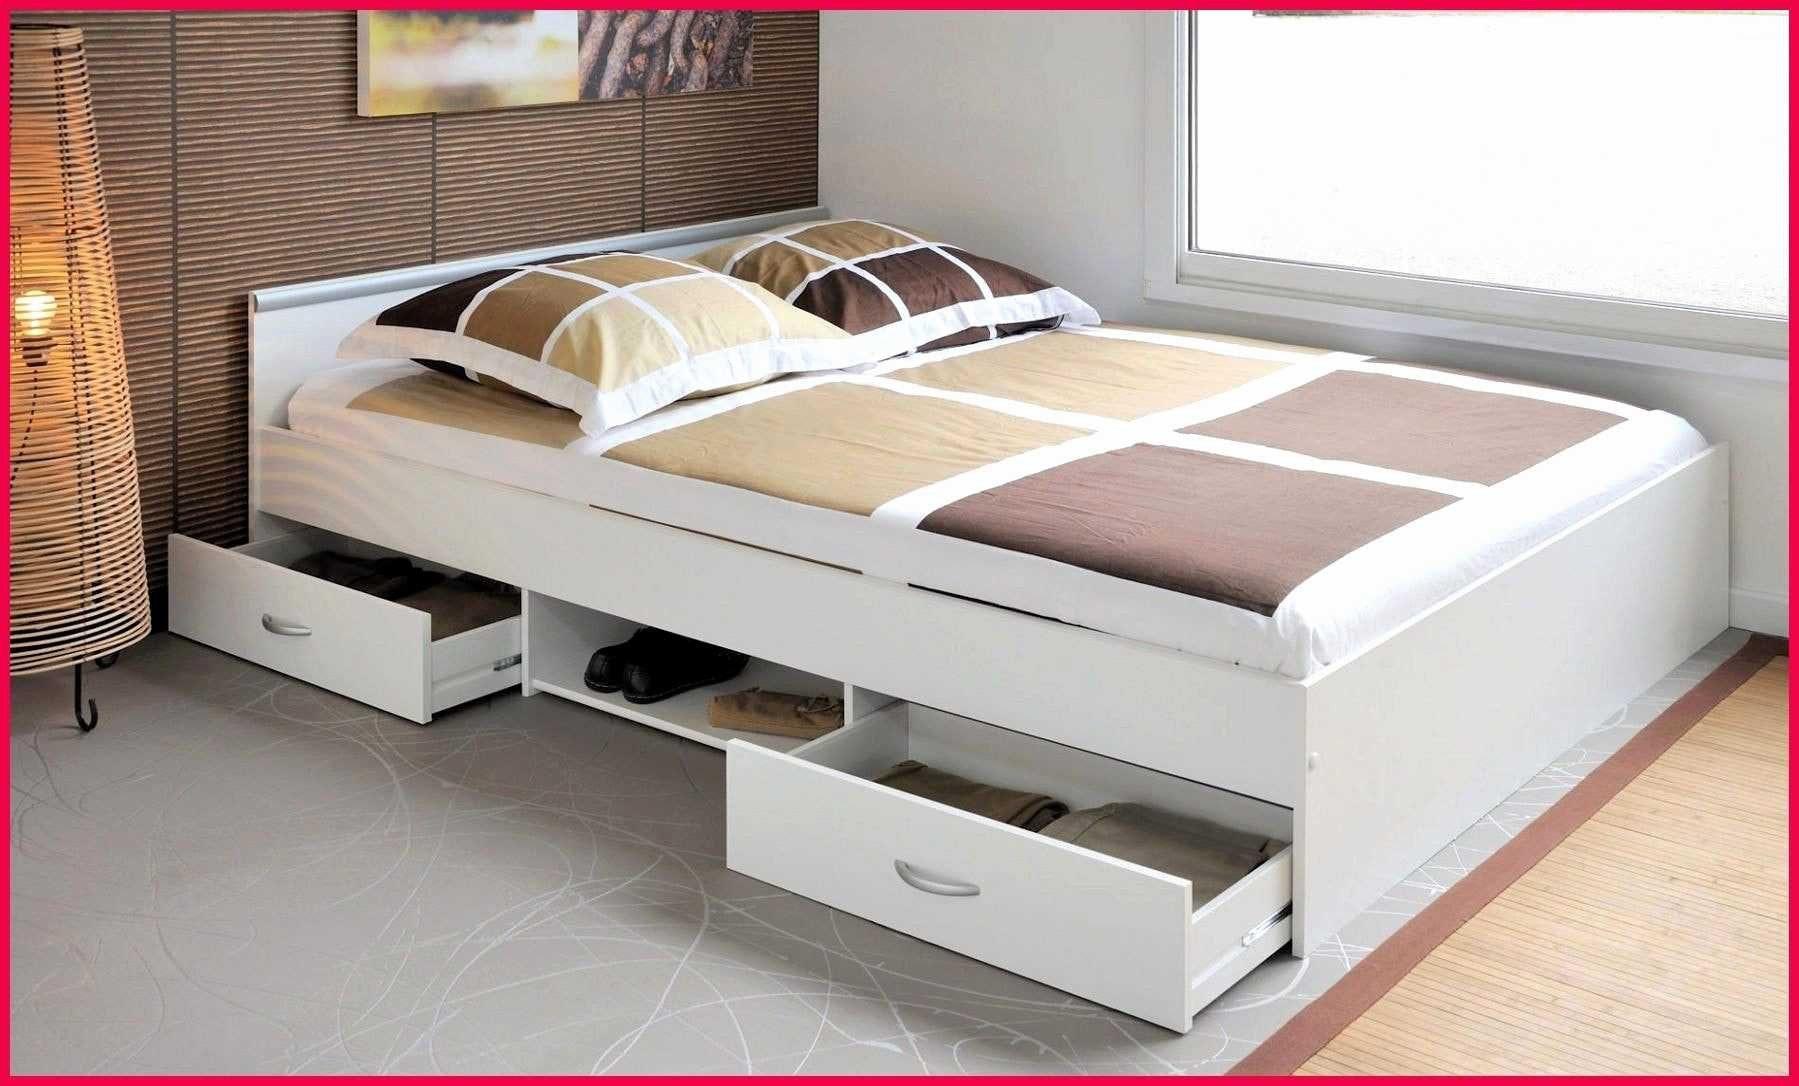 Lit Superposé Ikea 3 Places Fraîche Remarquable Canapé Lit Superposé Et 28 Inspiration Cabane De Lit